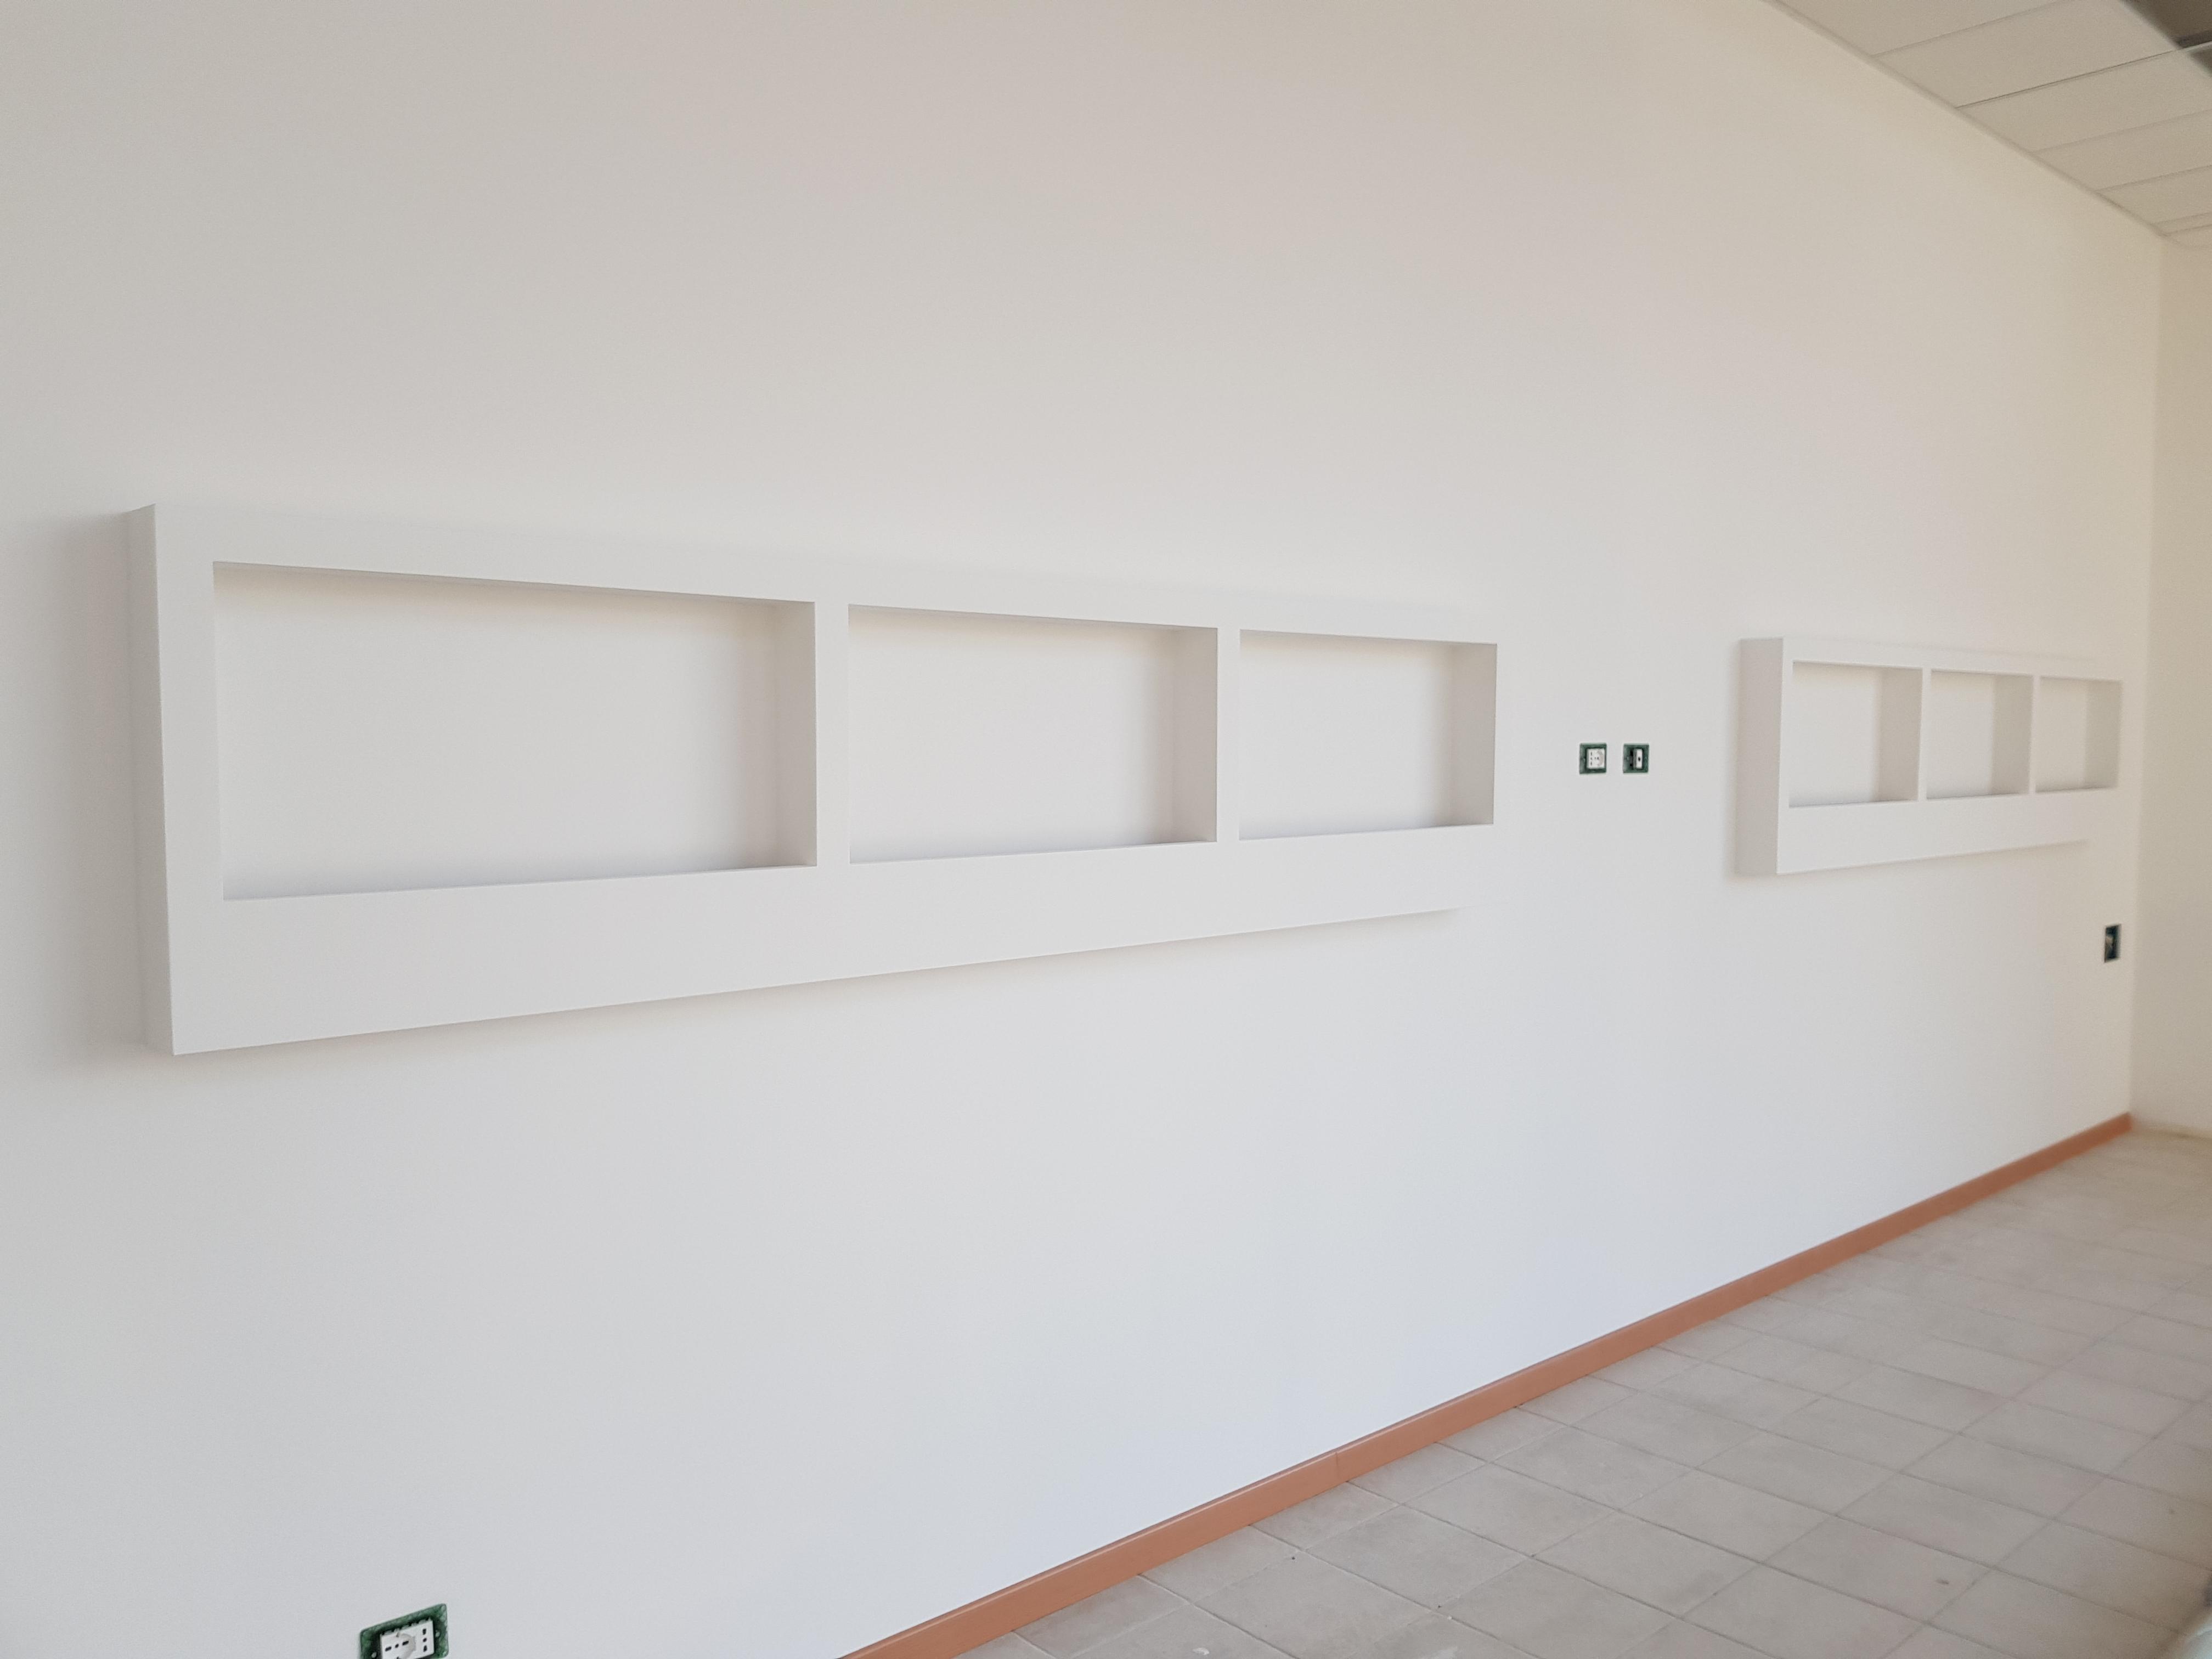 isolamento acustico pareti divisorie appartamento con decorazione